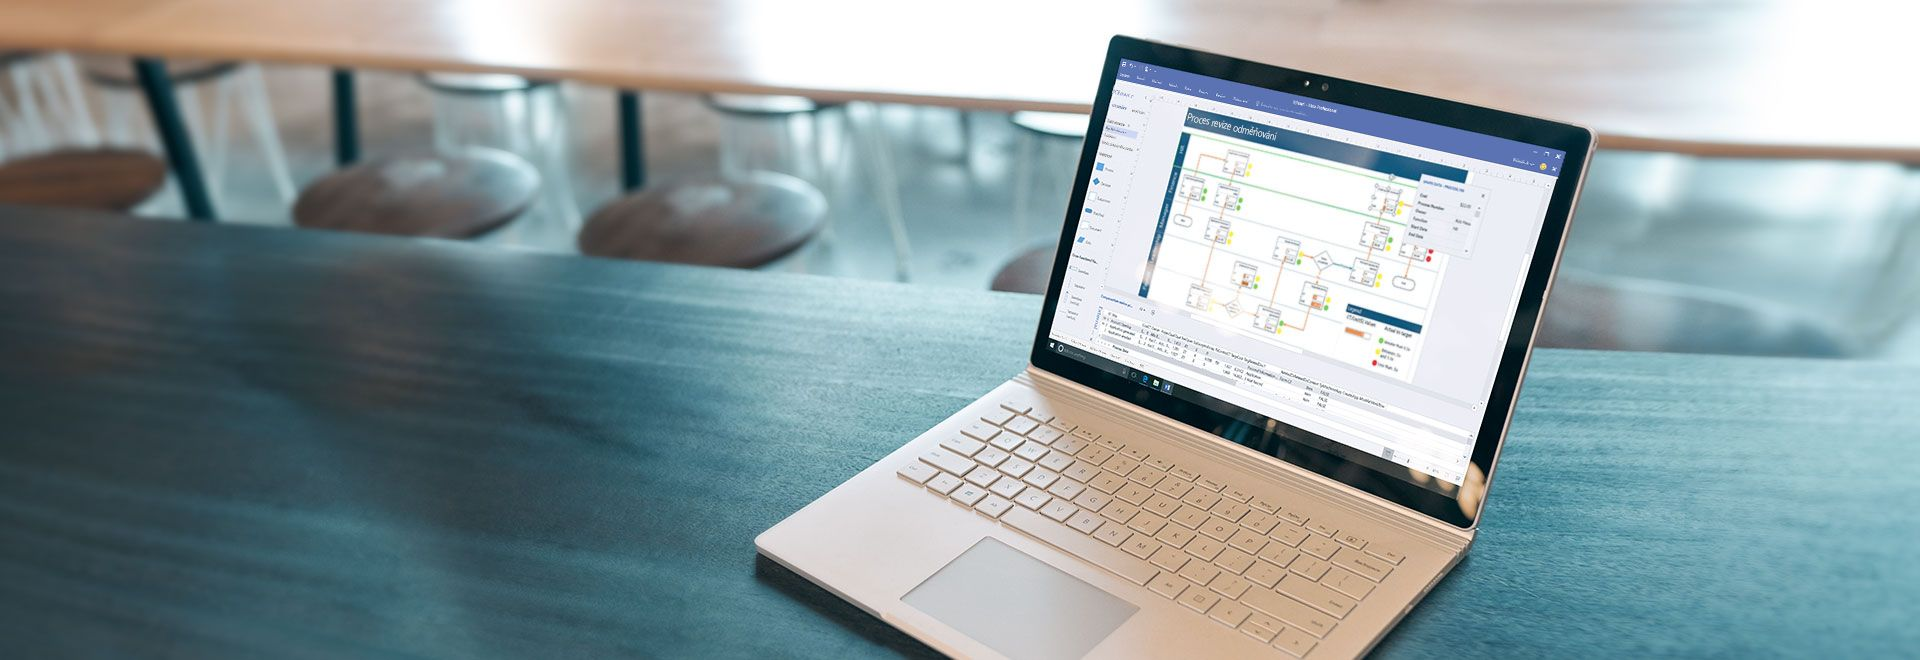 Notebook, který zobrazuje procesní diagram pracovního postupu ve Visiu Pro for Office 365